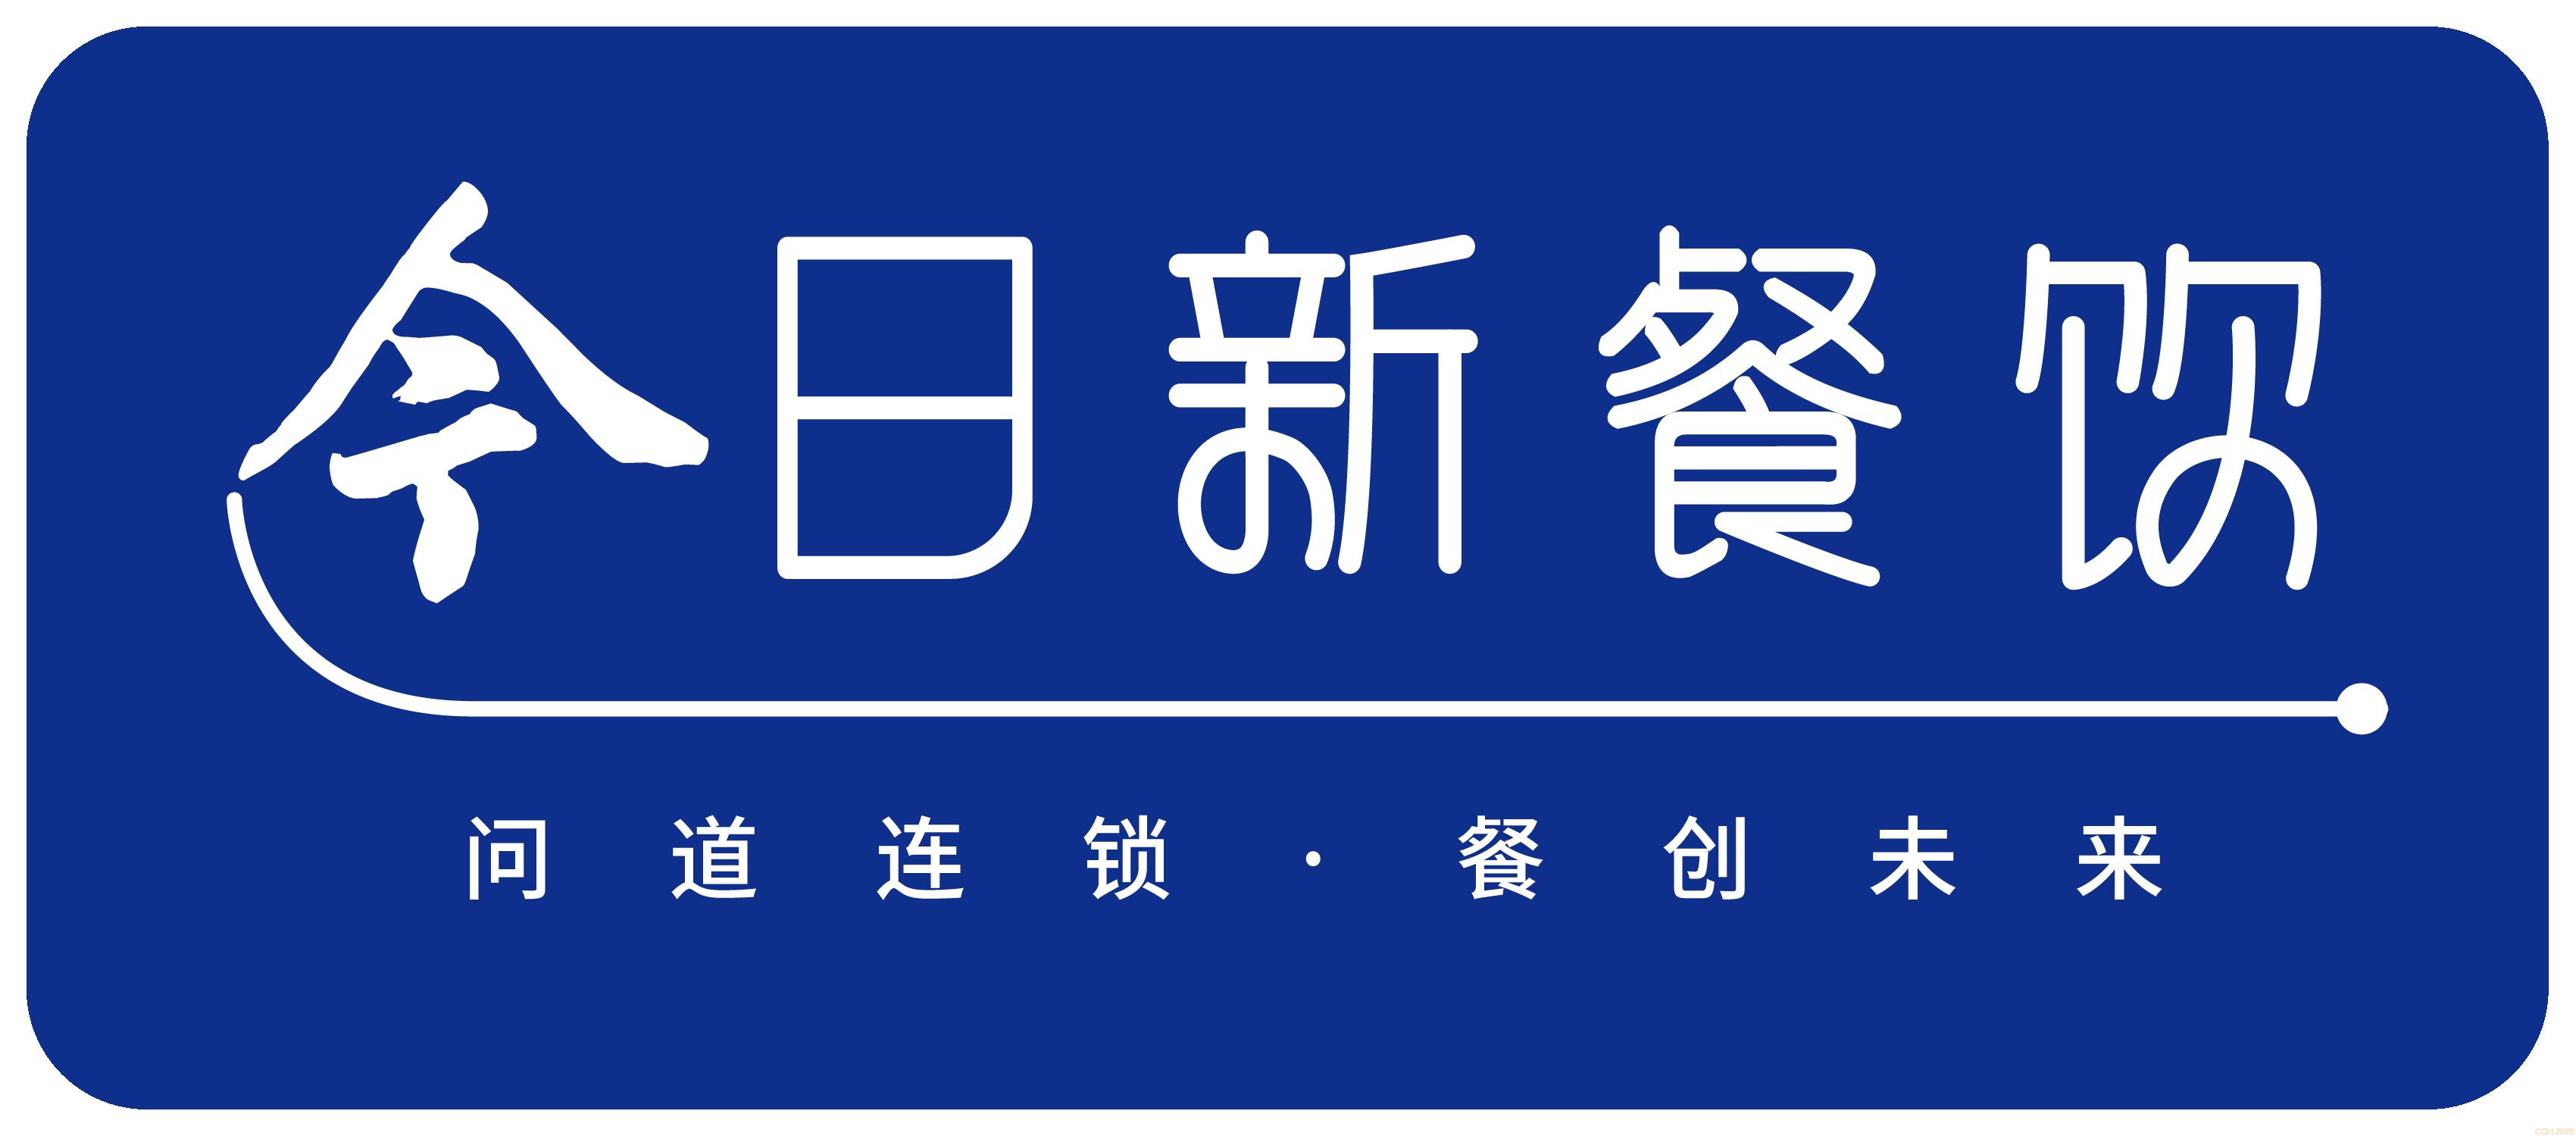 今日新餐饮(长).png